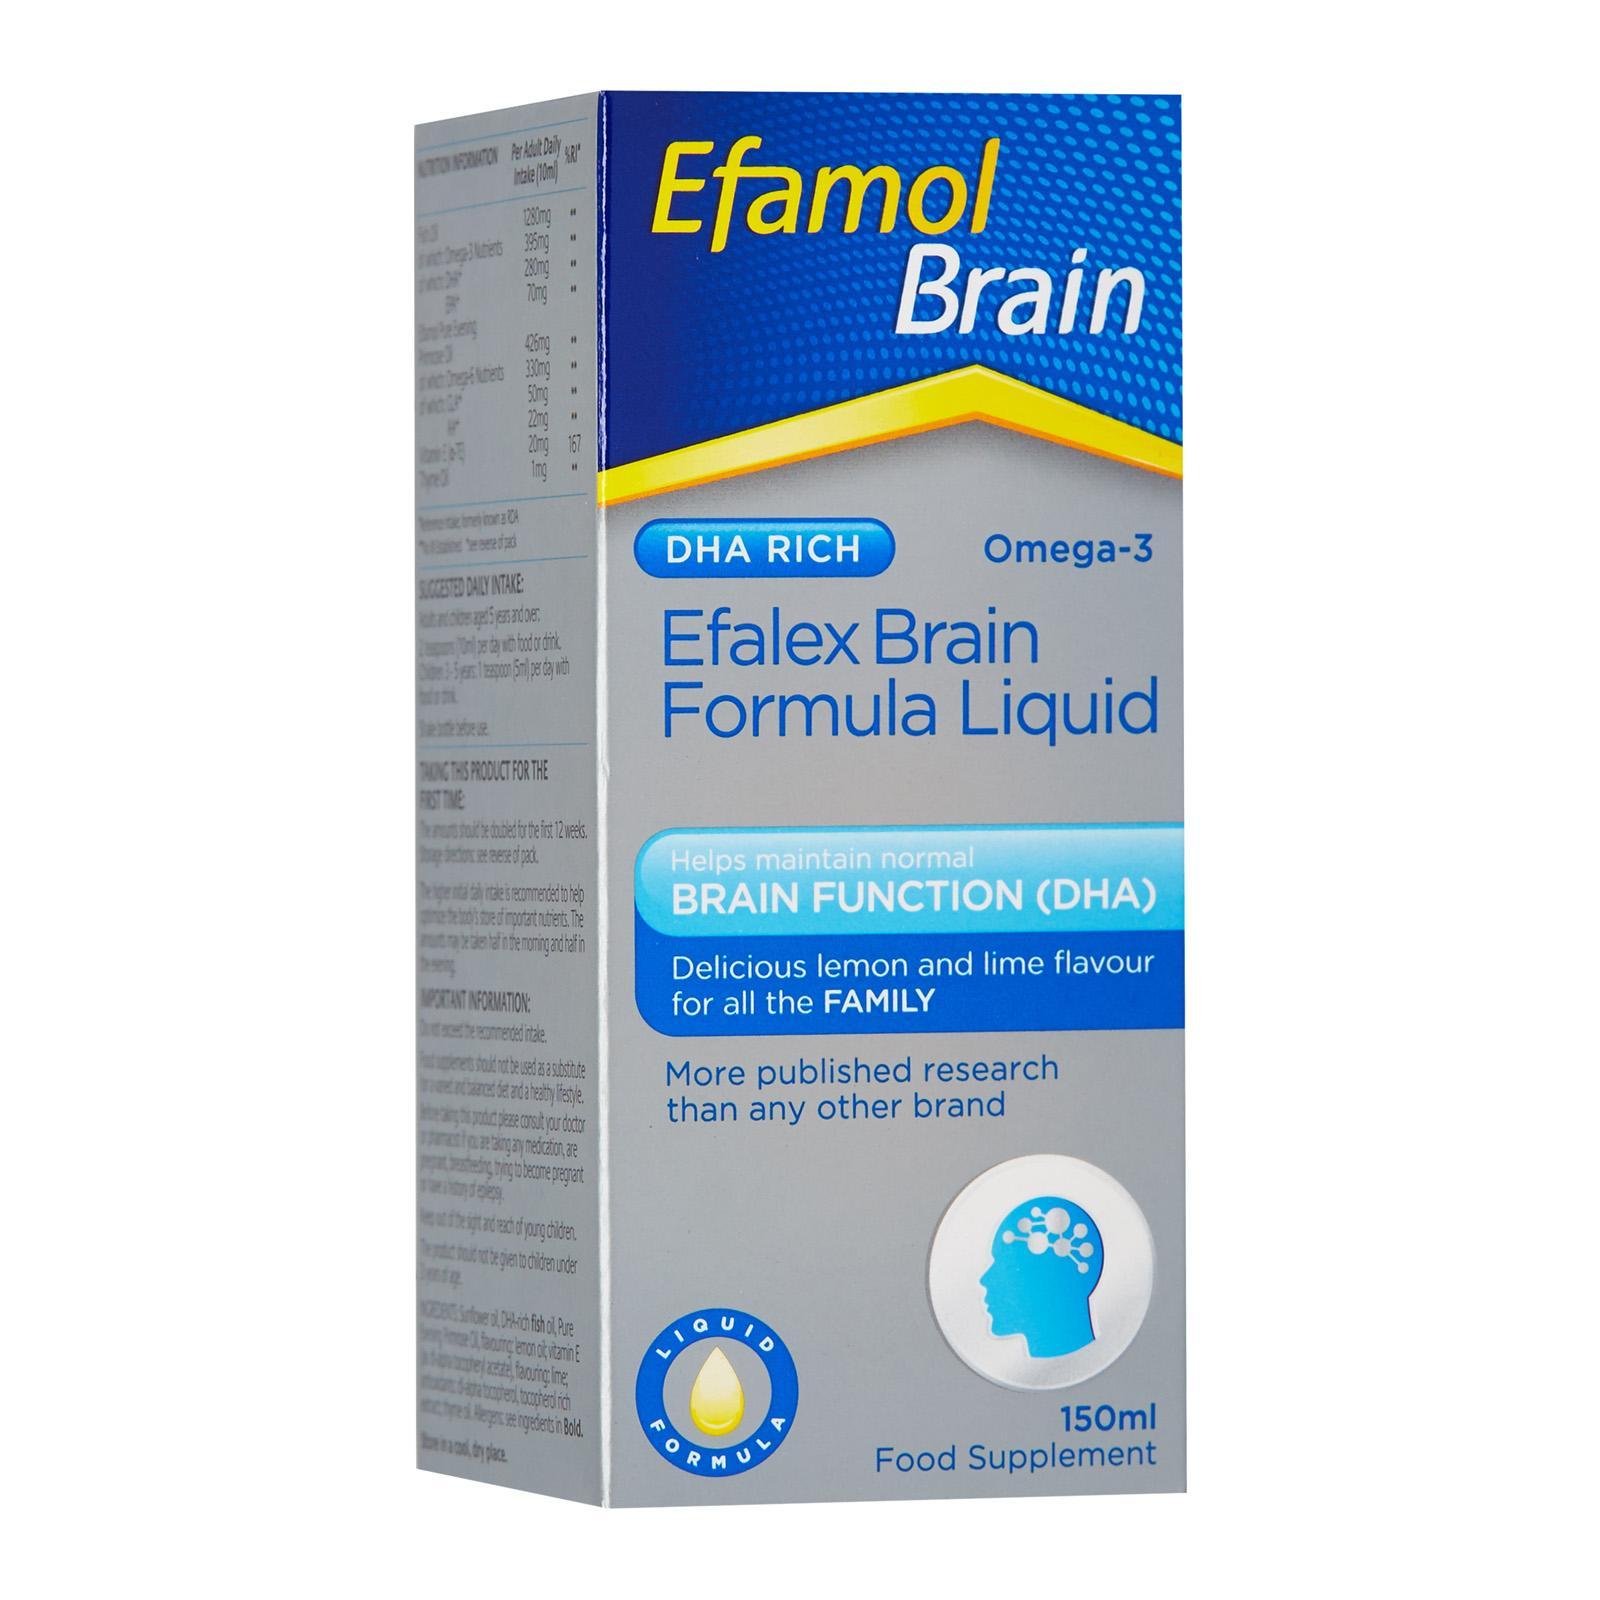 Efamol Brain Efalex Brain Formula Liquid